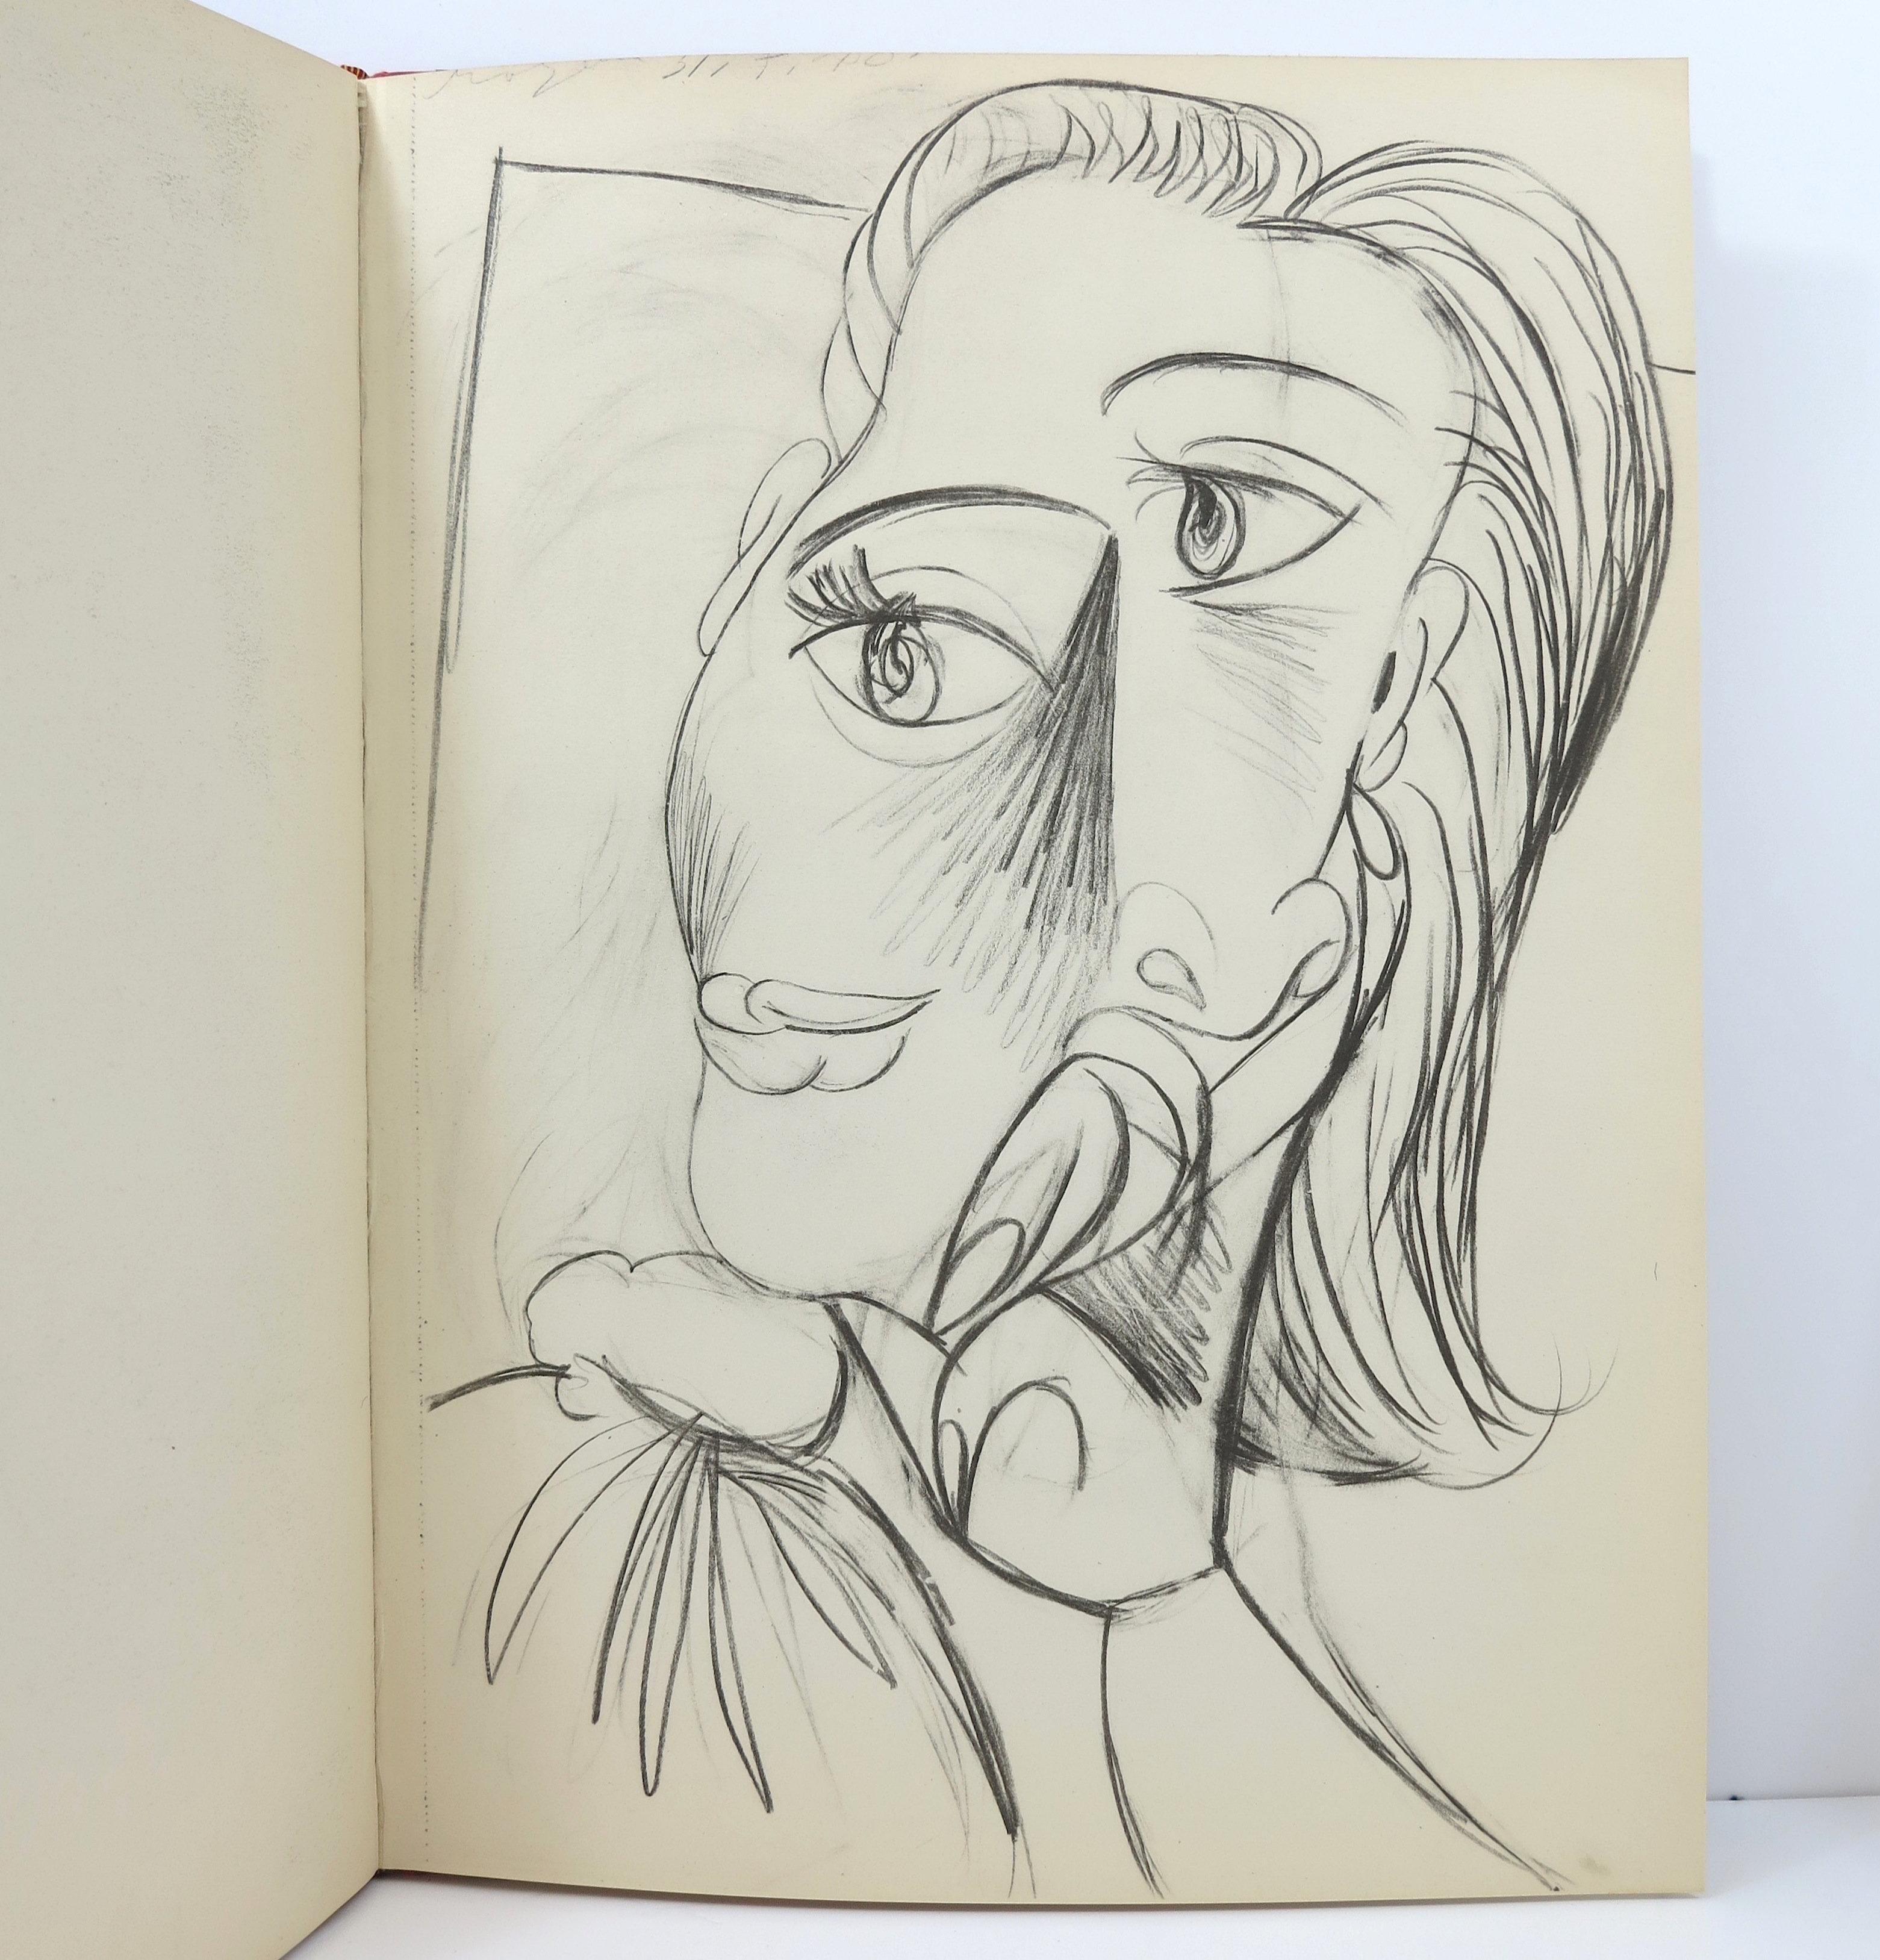 Pablo Picasso. Carnet de dessins. 1948. Cahiers d'Art. | cahiersdart